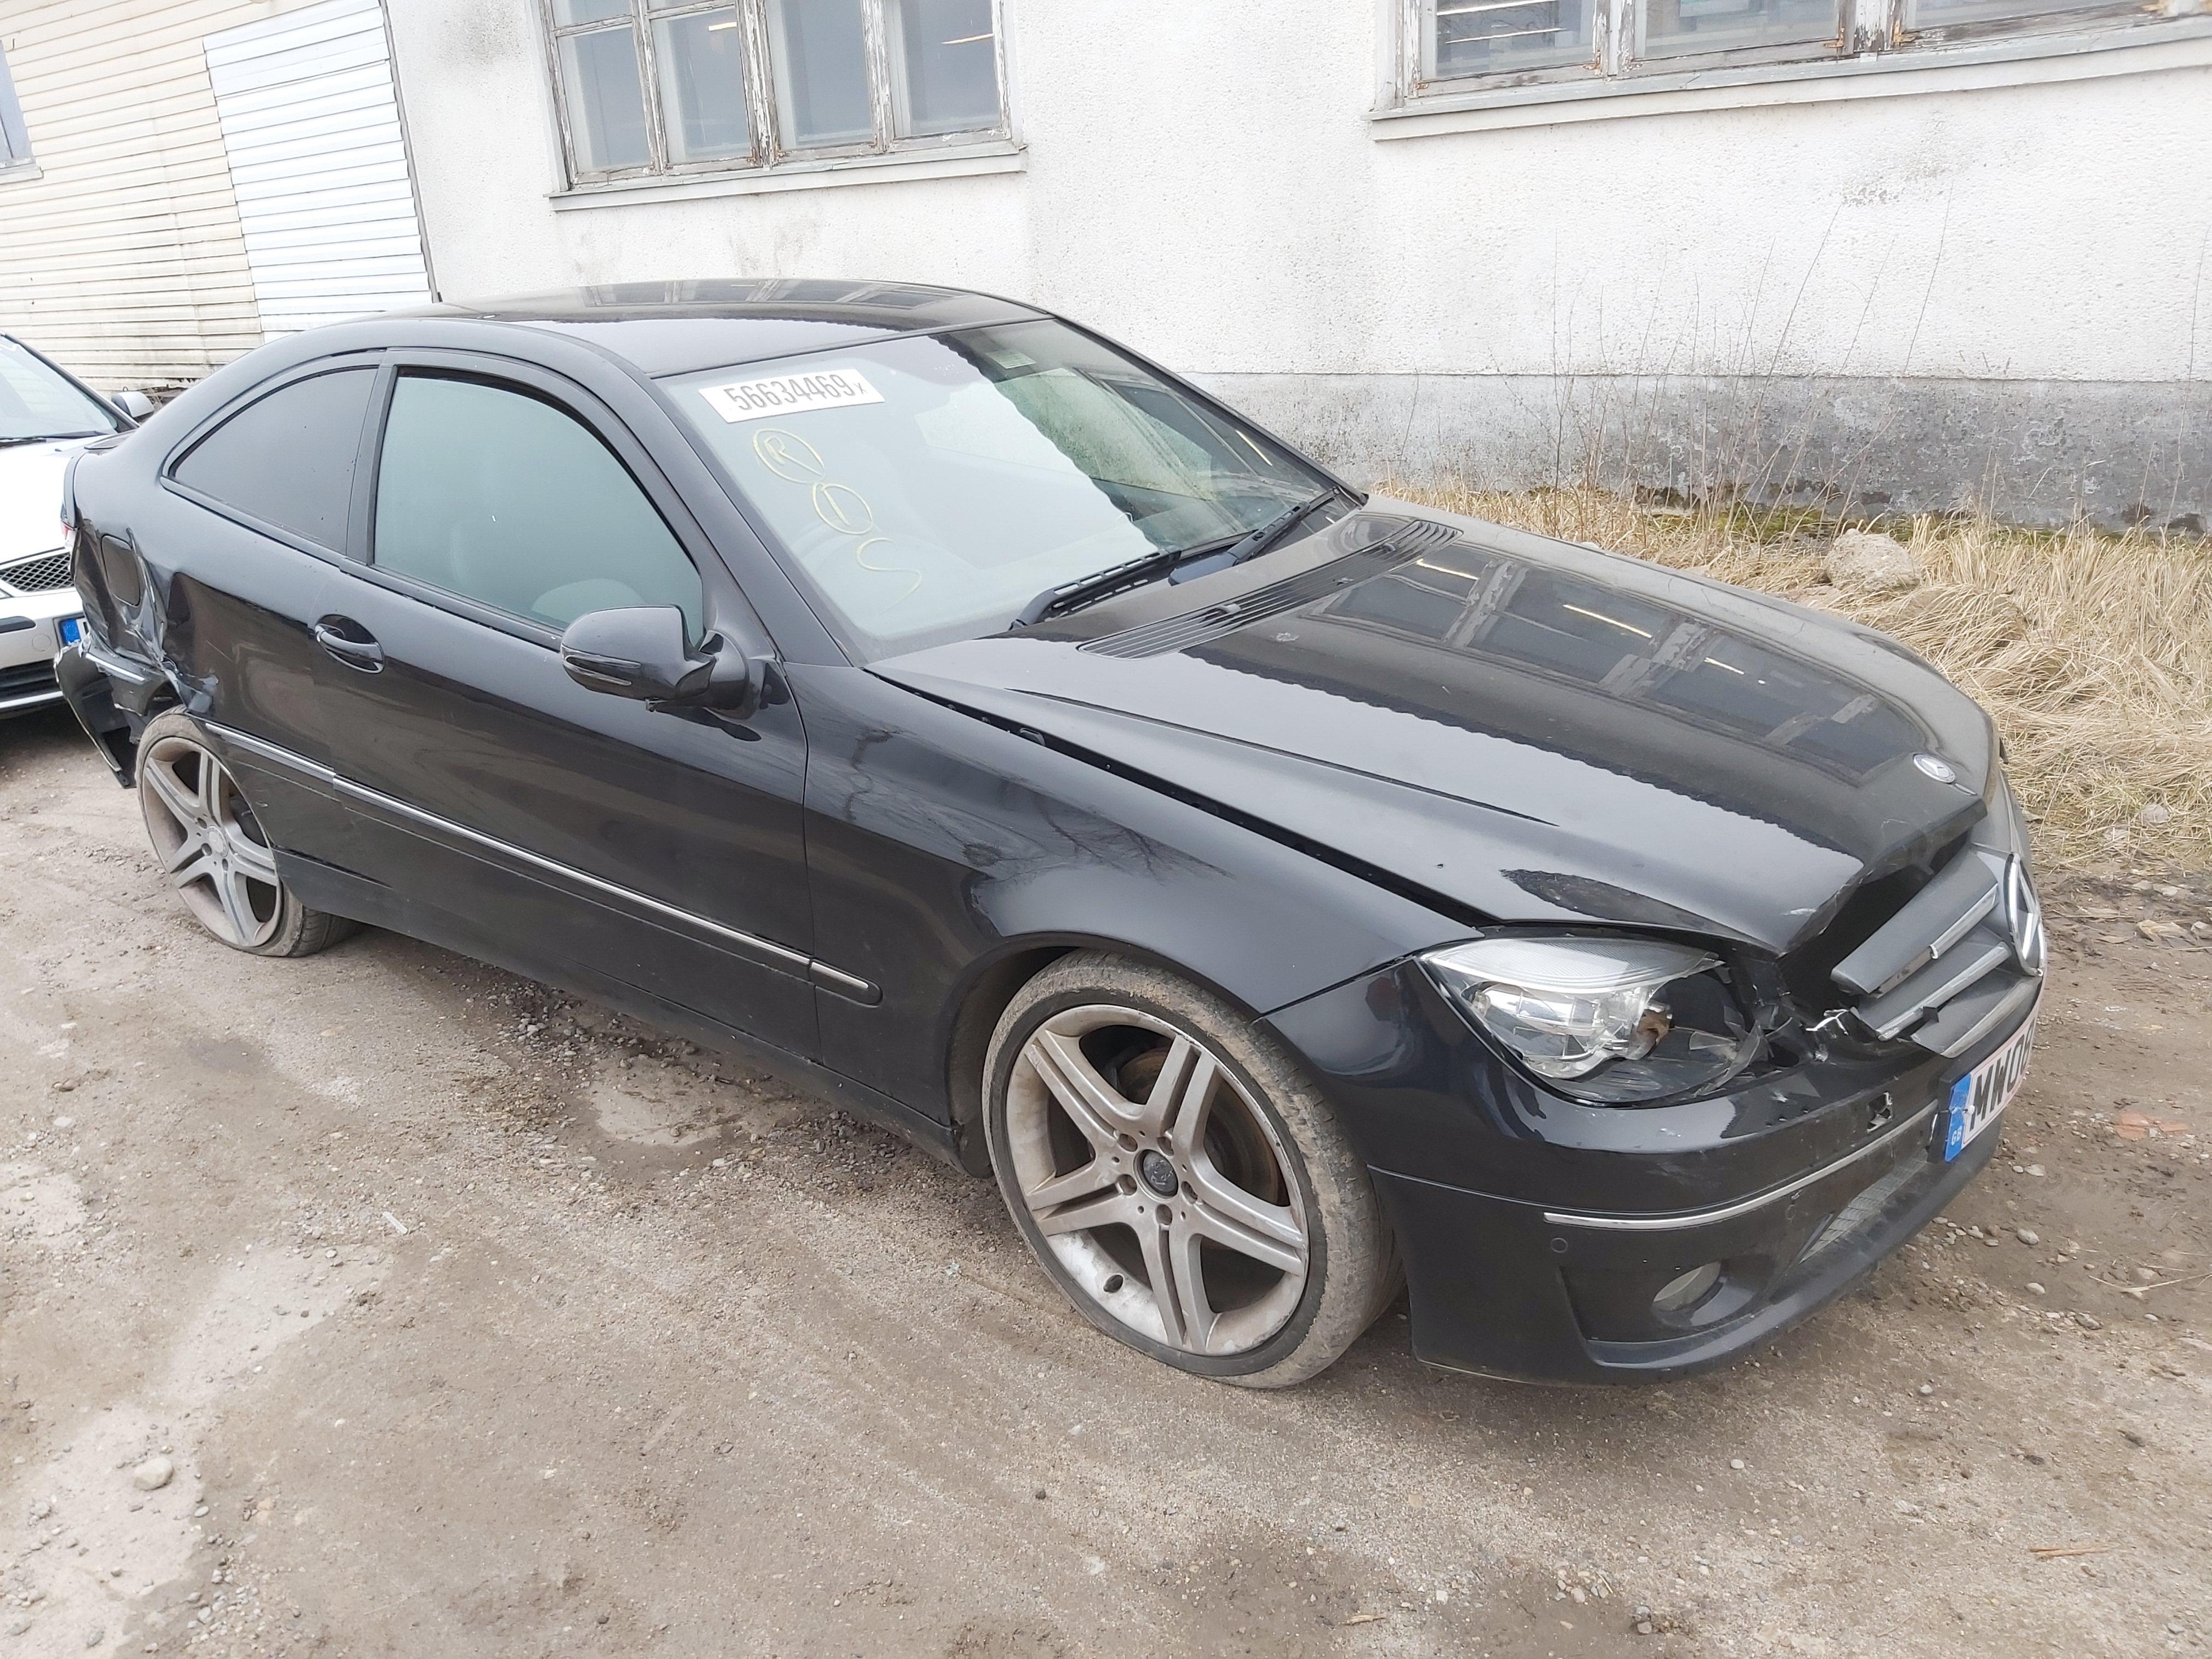 Подержанные Автозапчасти Mercedes-Benz CLC-CLASS 2008 2.2 автоматическая Купе 2/3 d. черный 2020-3-20